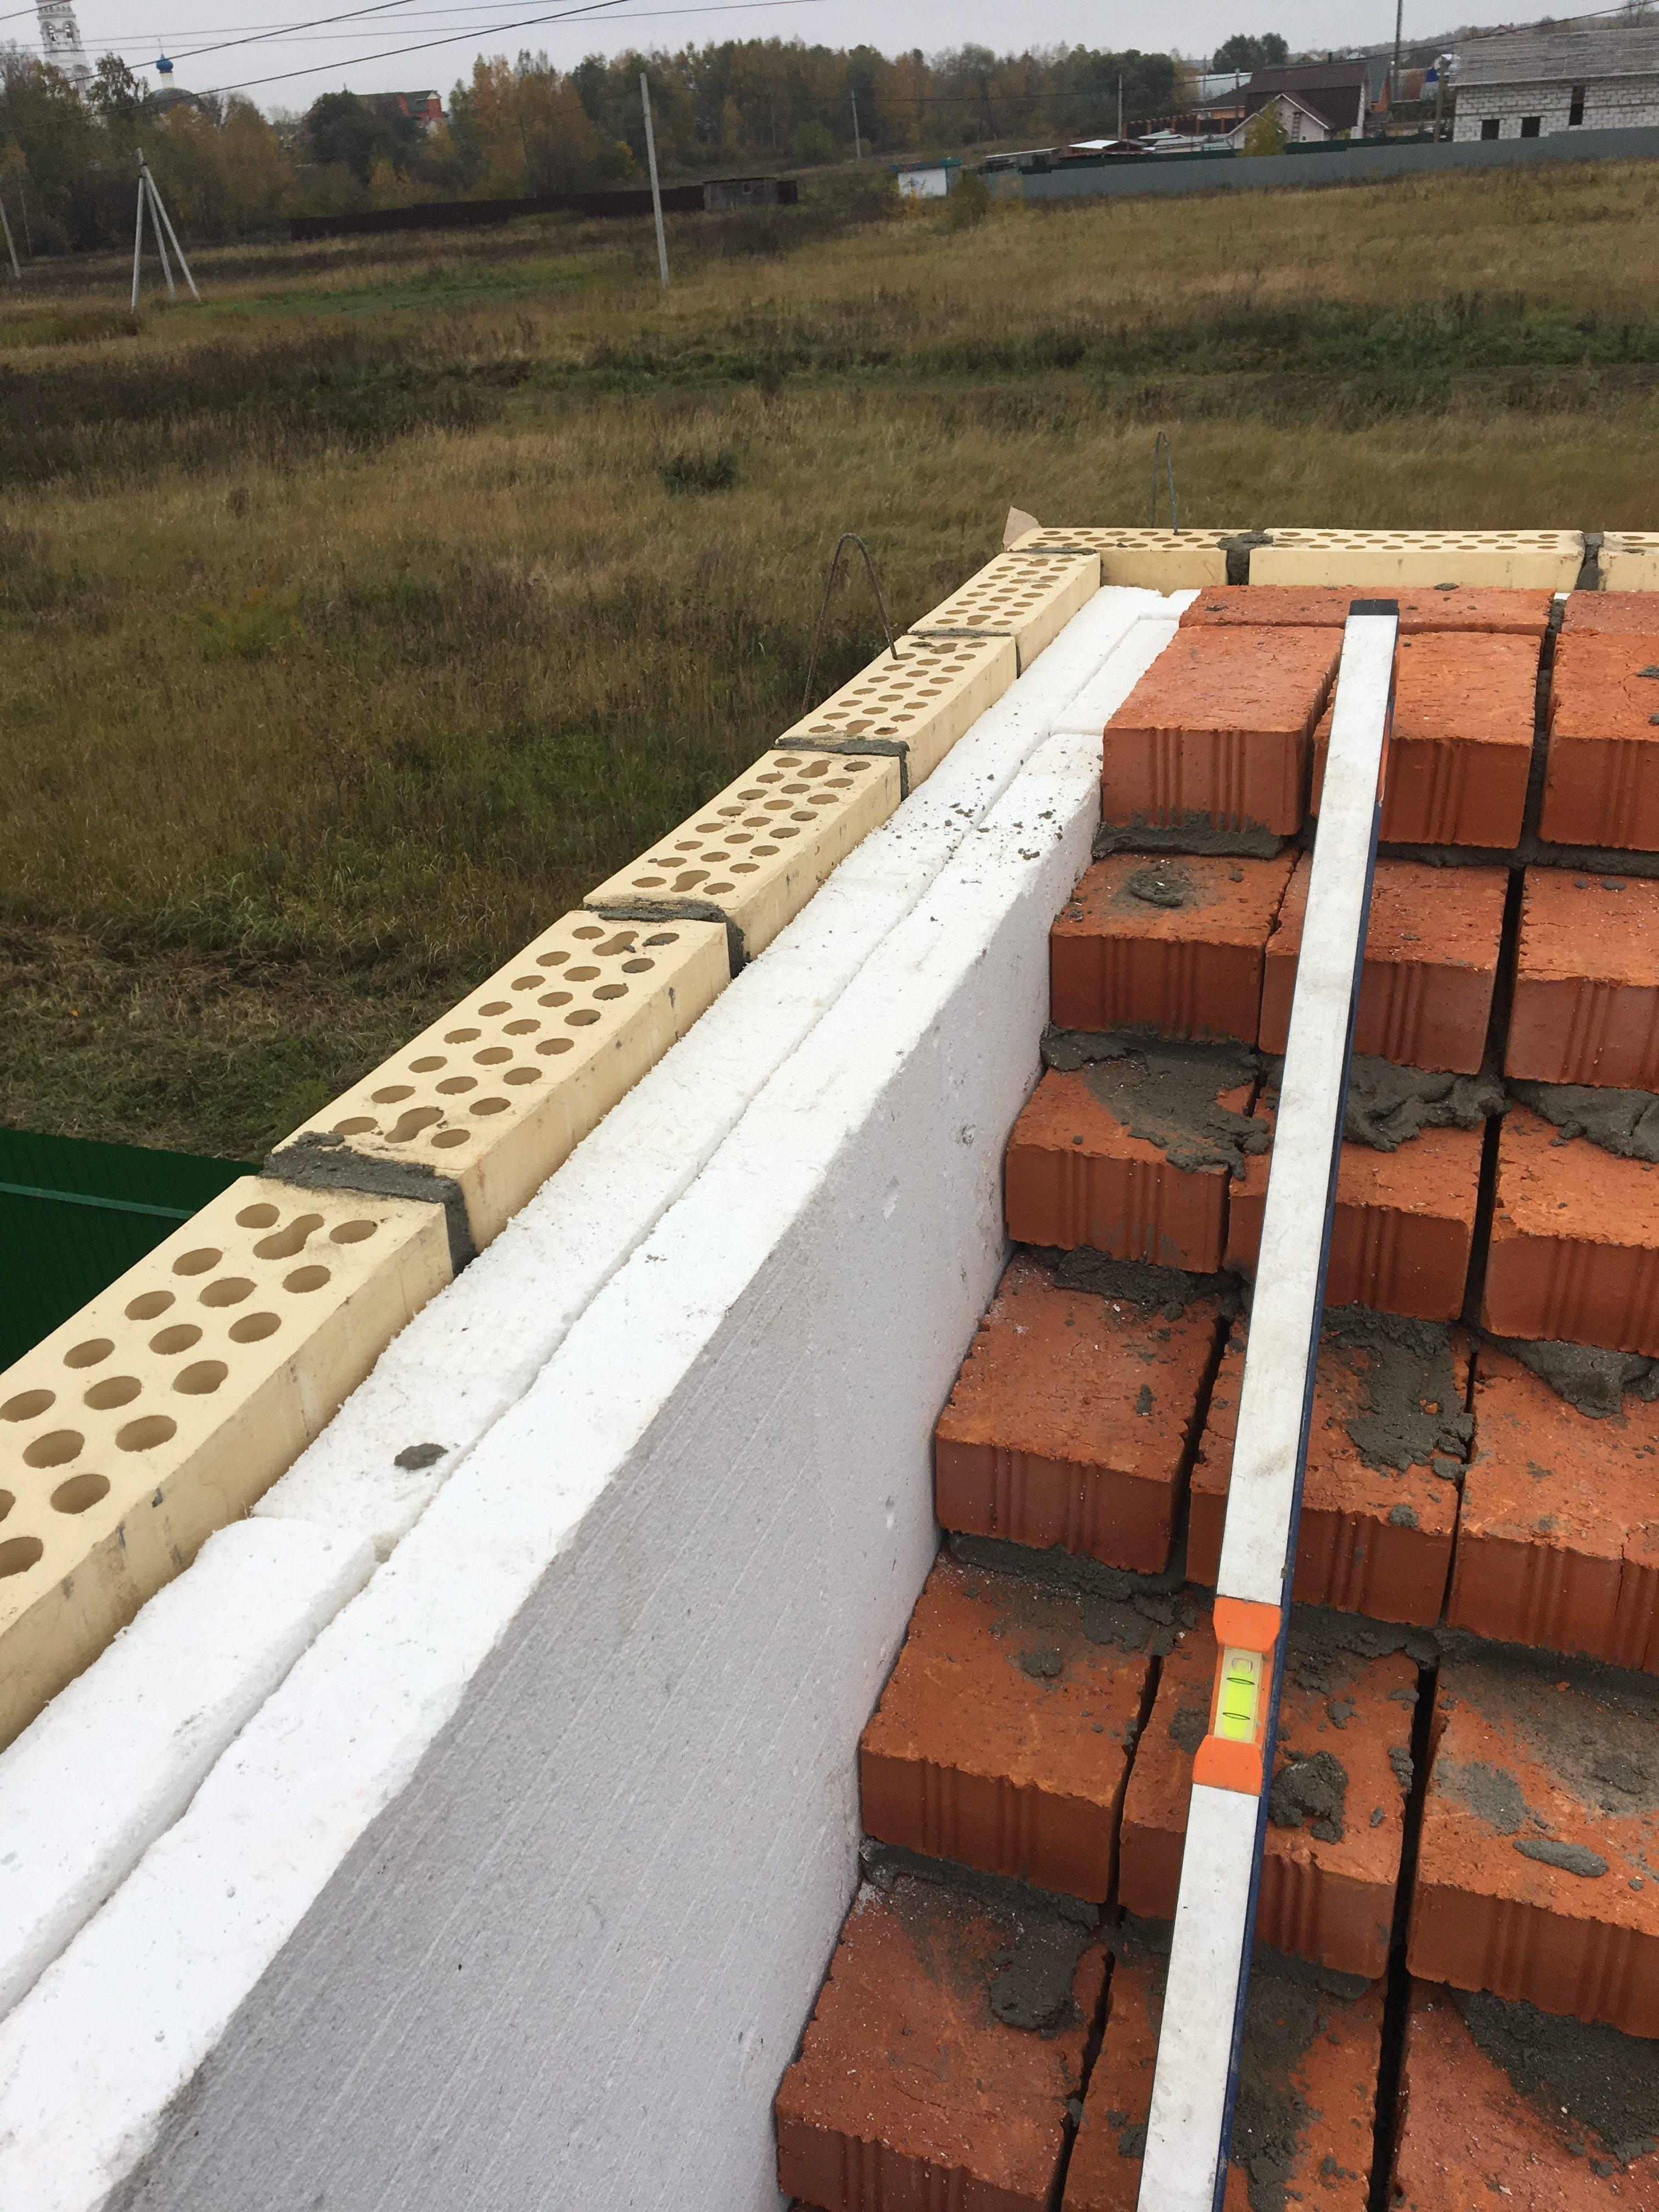 Силикатный кирпич для постройки частного дома. дом из кирпича силикатного и блоков: этапы возведения, типичные ошибки и правильные решения